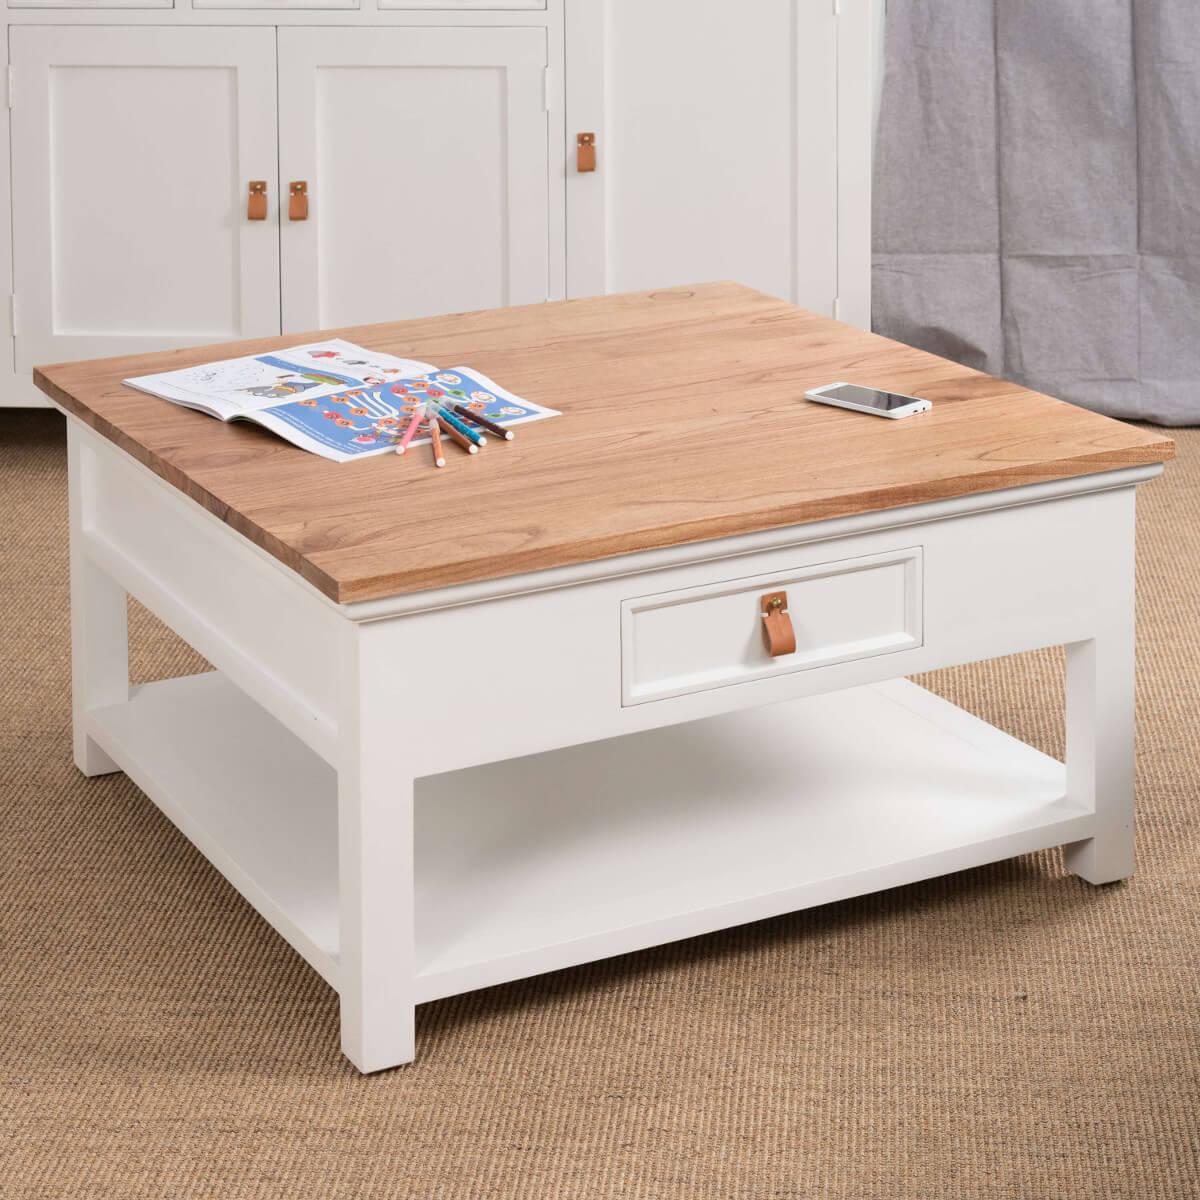 Table basse blanche et bois carrée